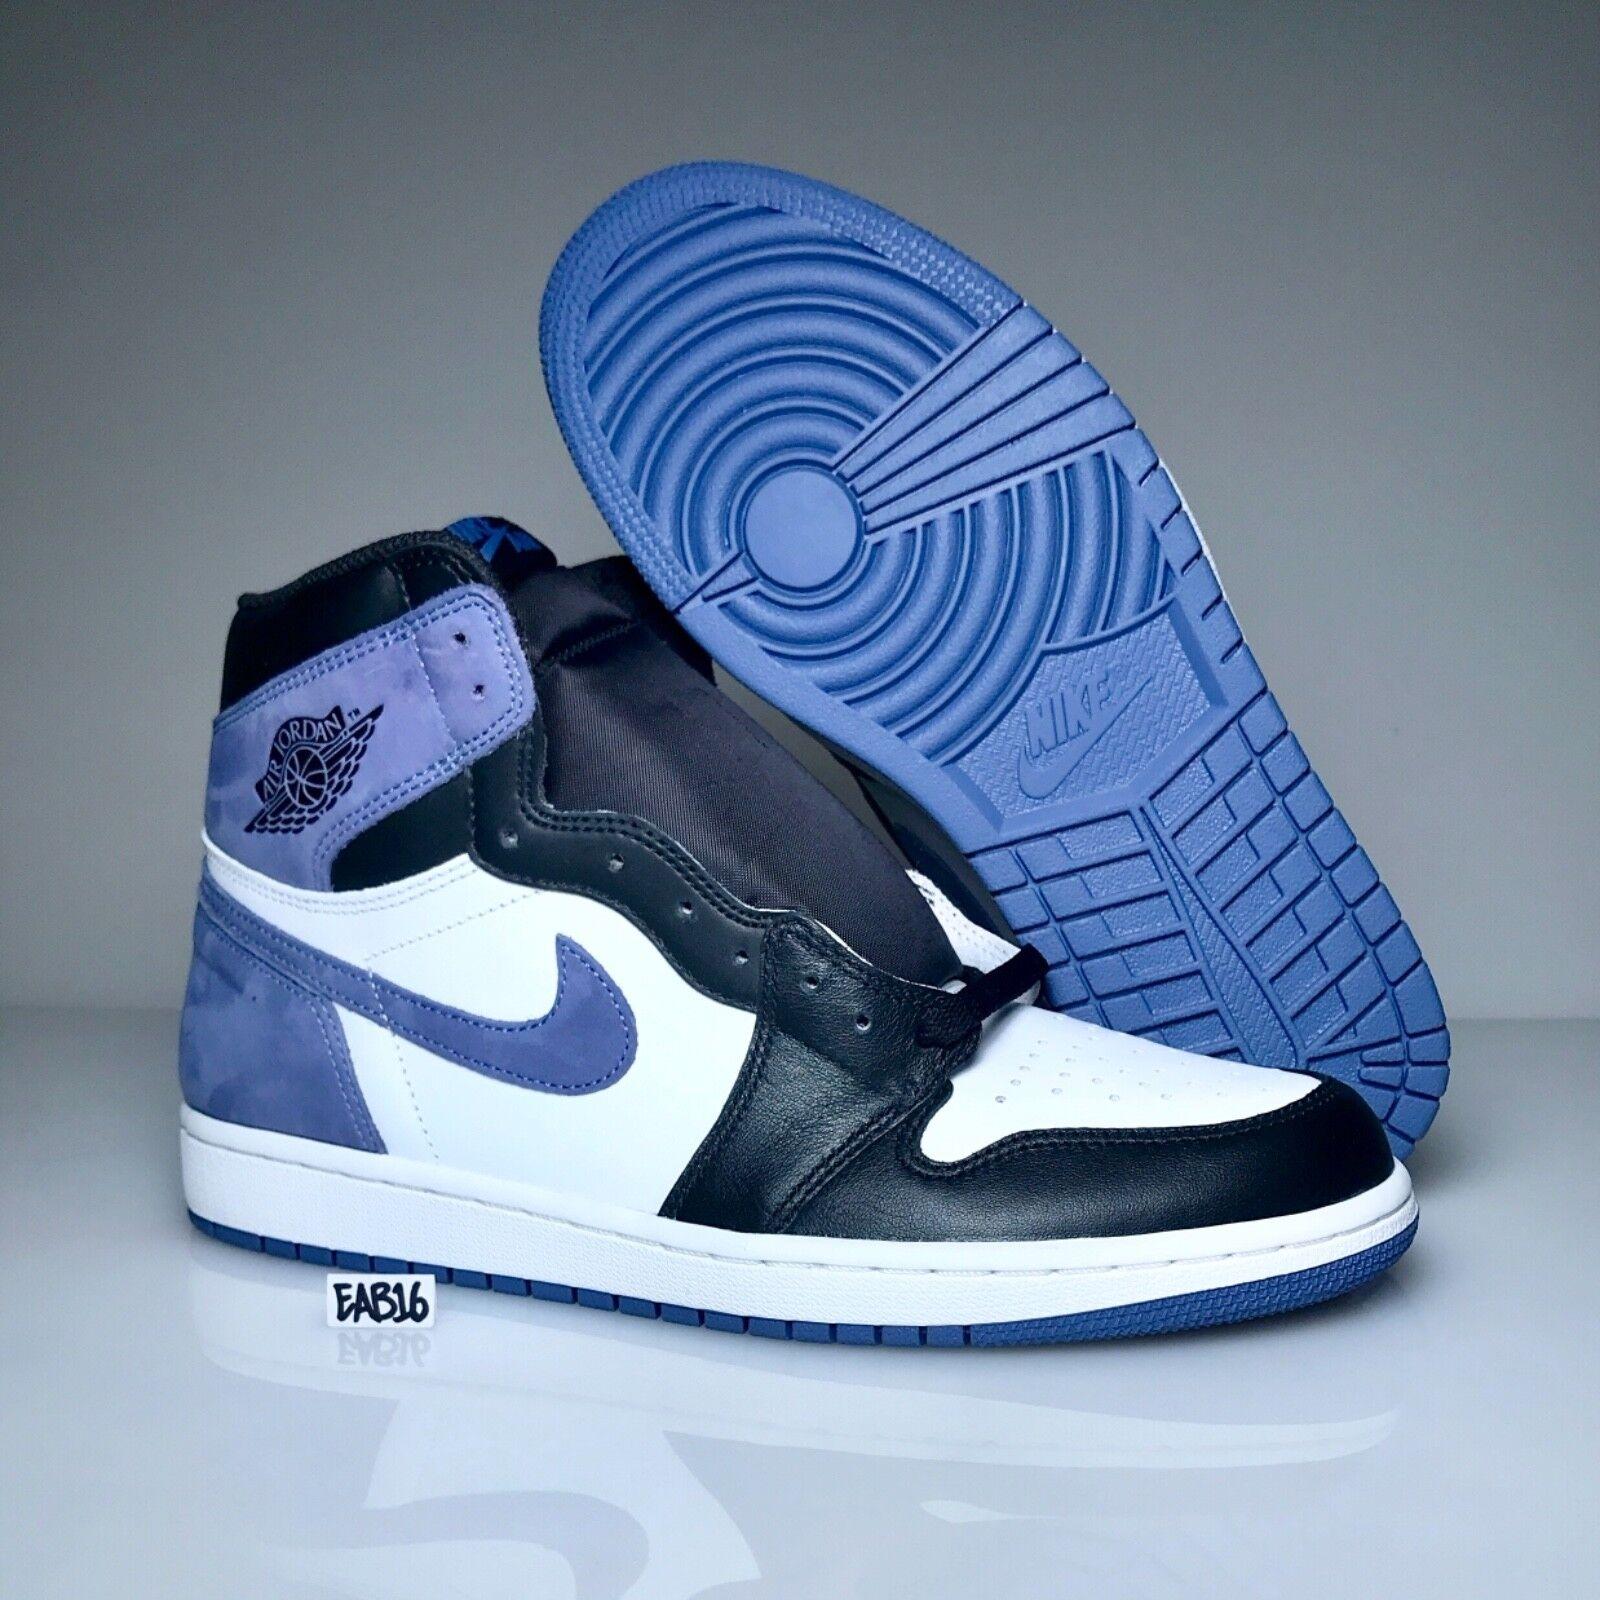 Nike Air Jordan Retro 1 OG bluee Moon 555088 115 White Black Best Hand In Game